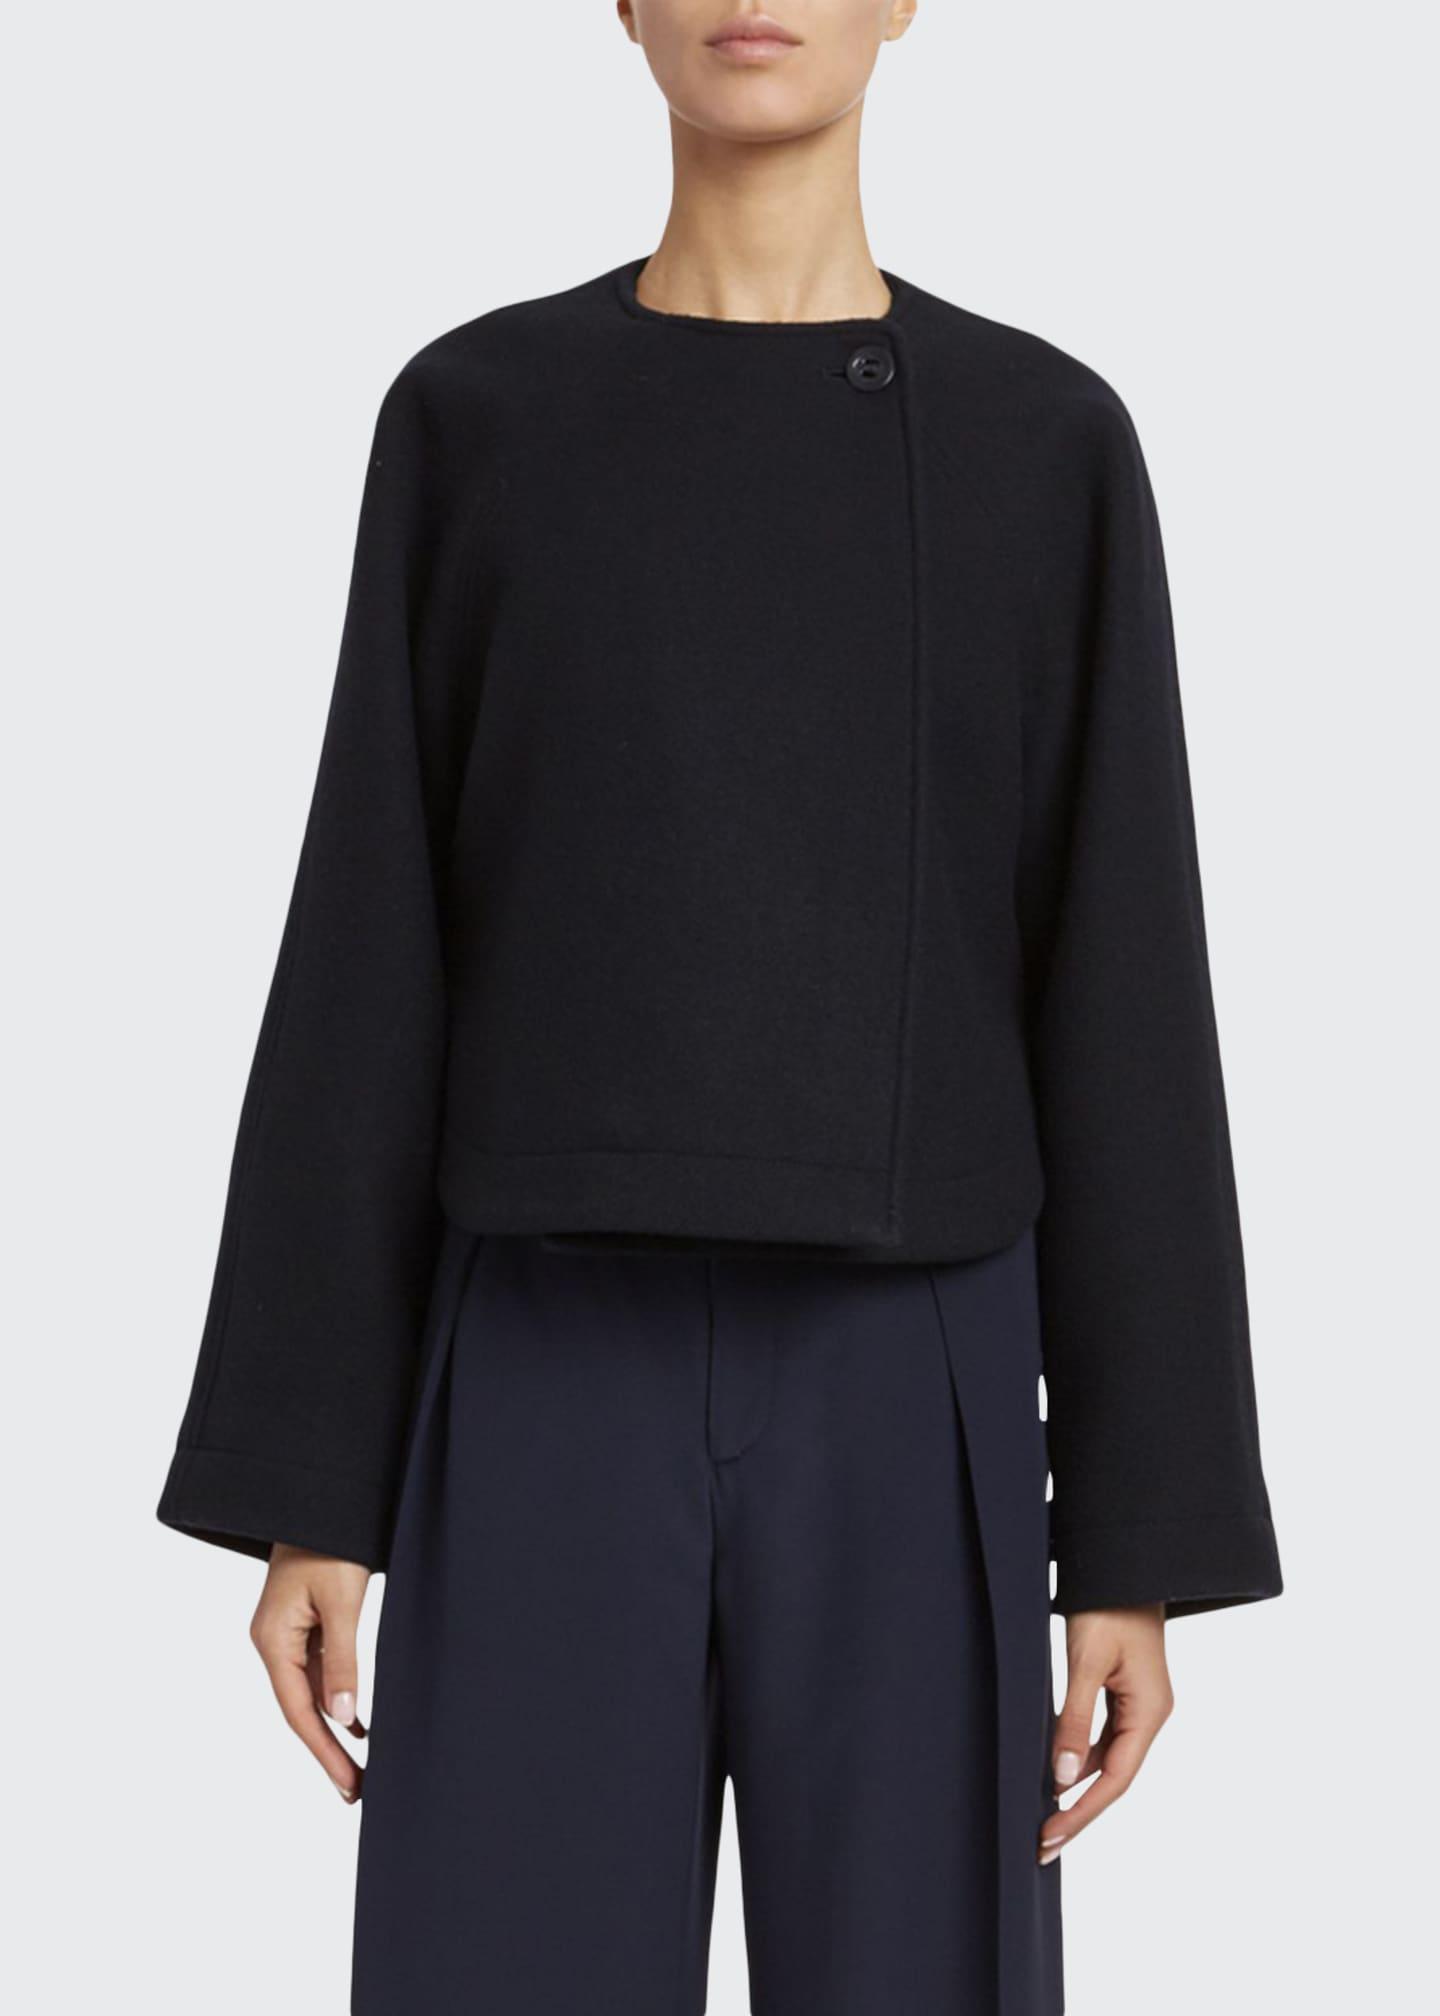 Chloe Iconic Soft Wool Short Coat